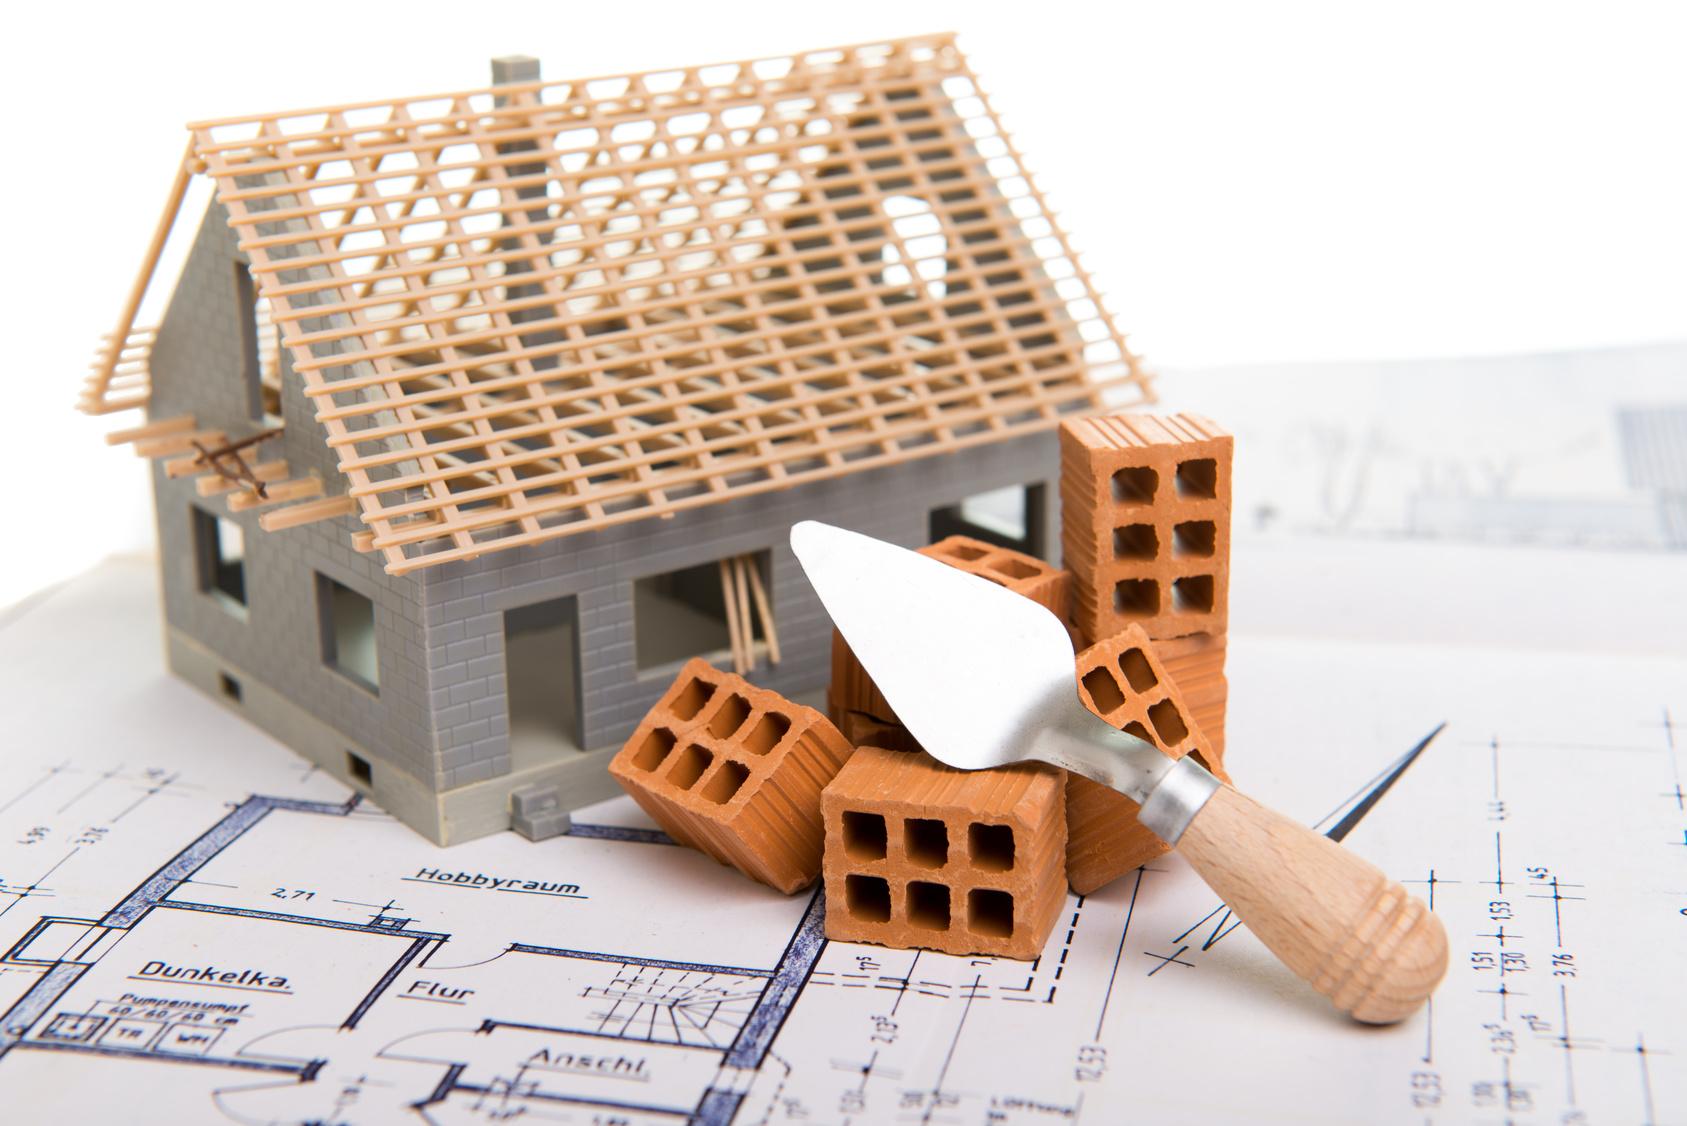 Hausbau zeichnung  Hausbau | Infoportal zum Thema Haus